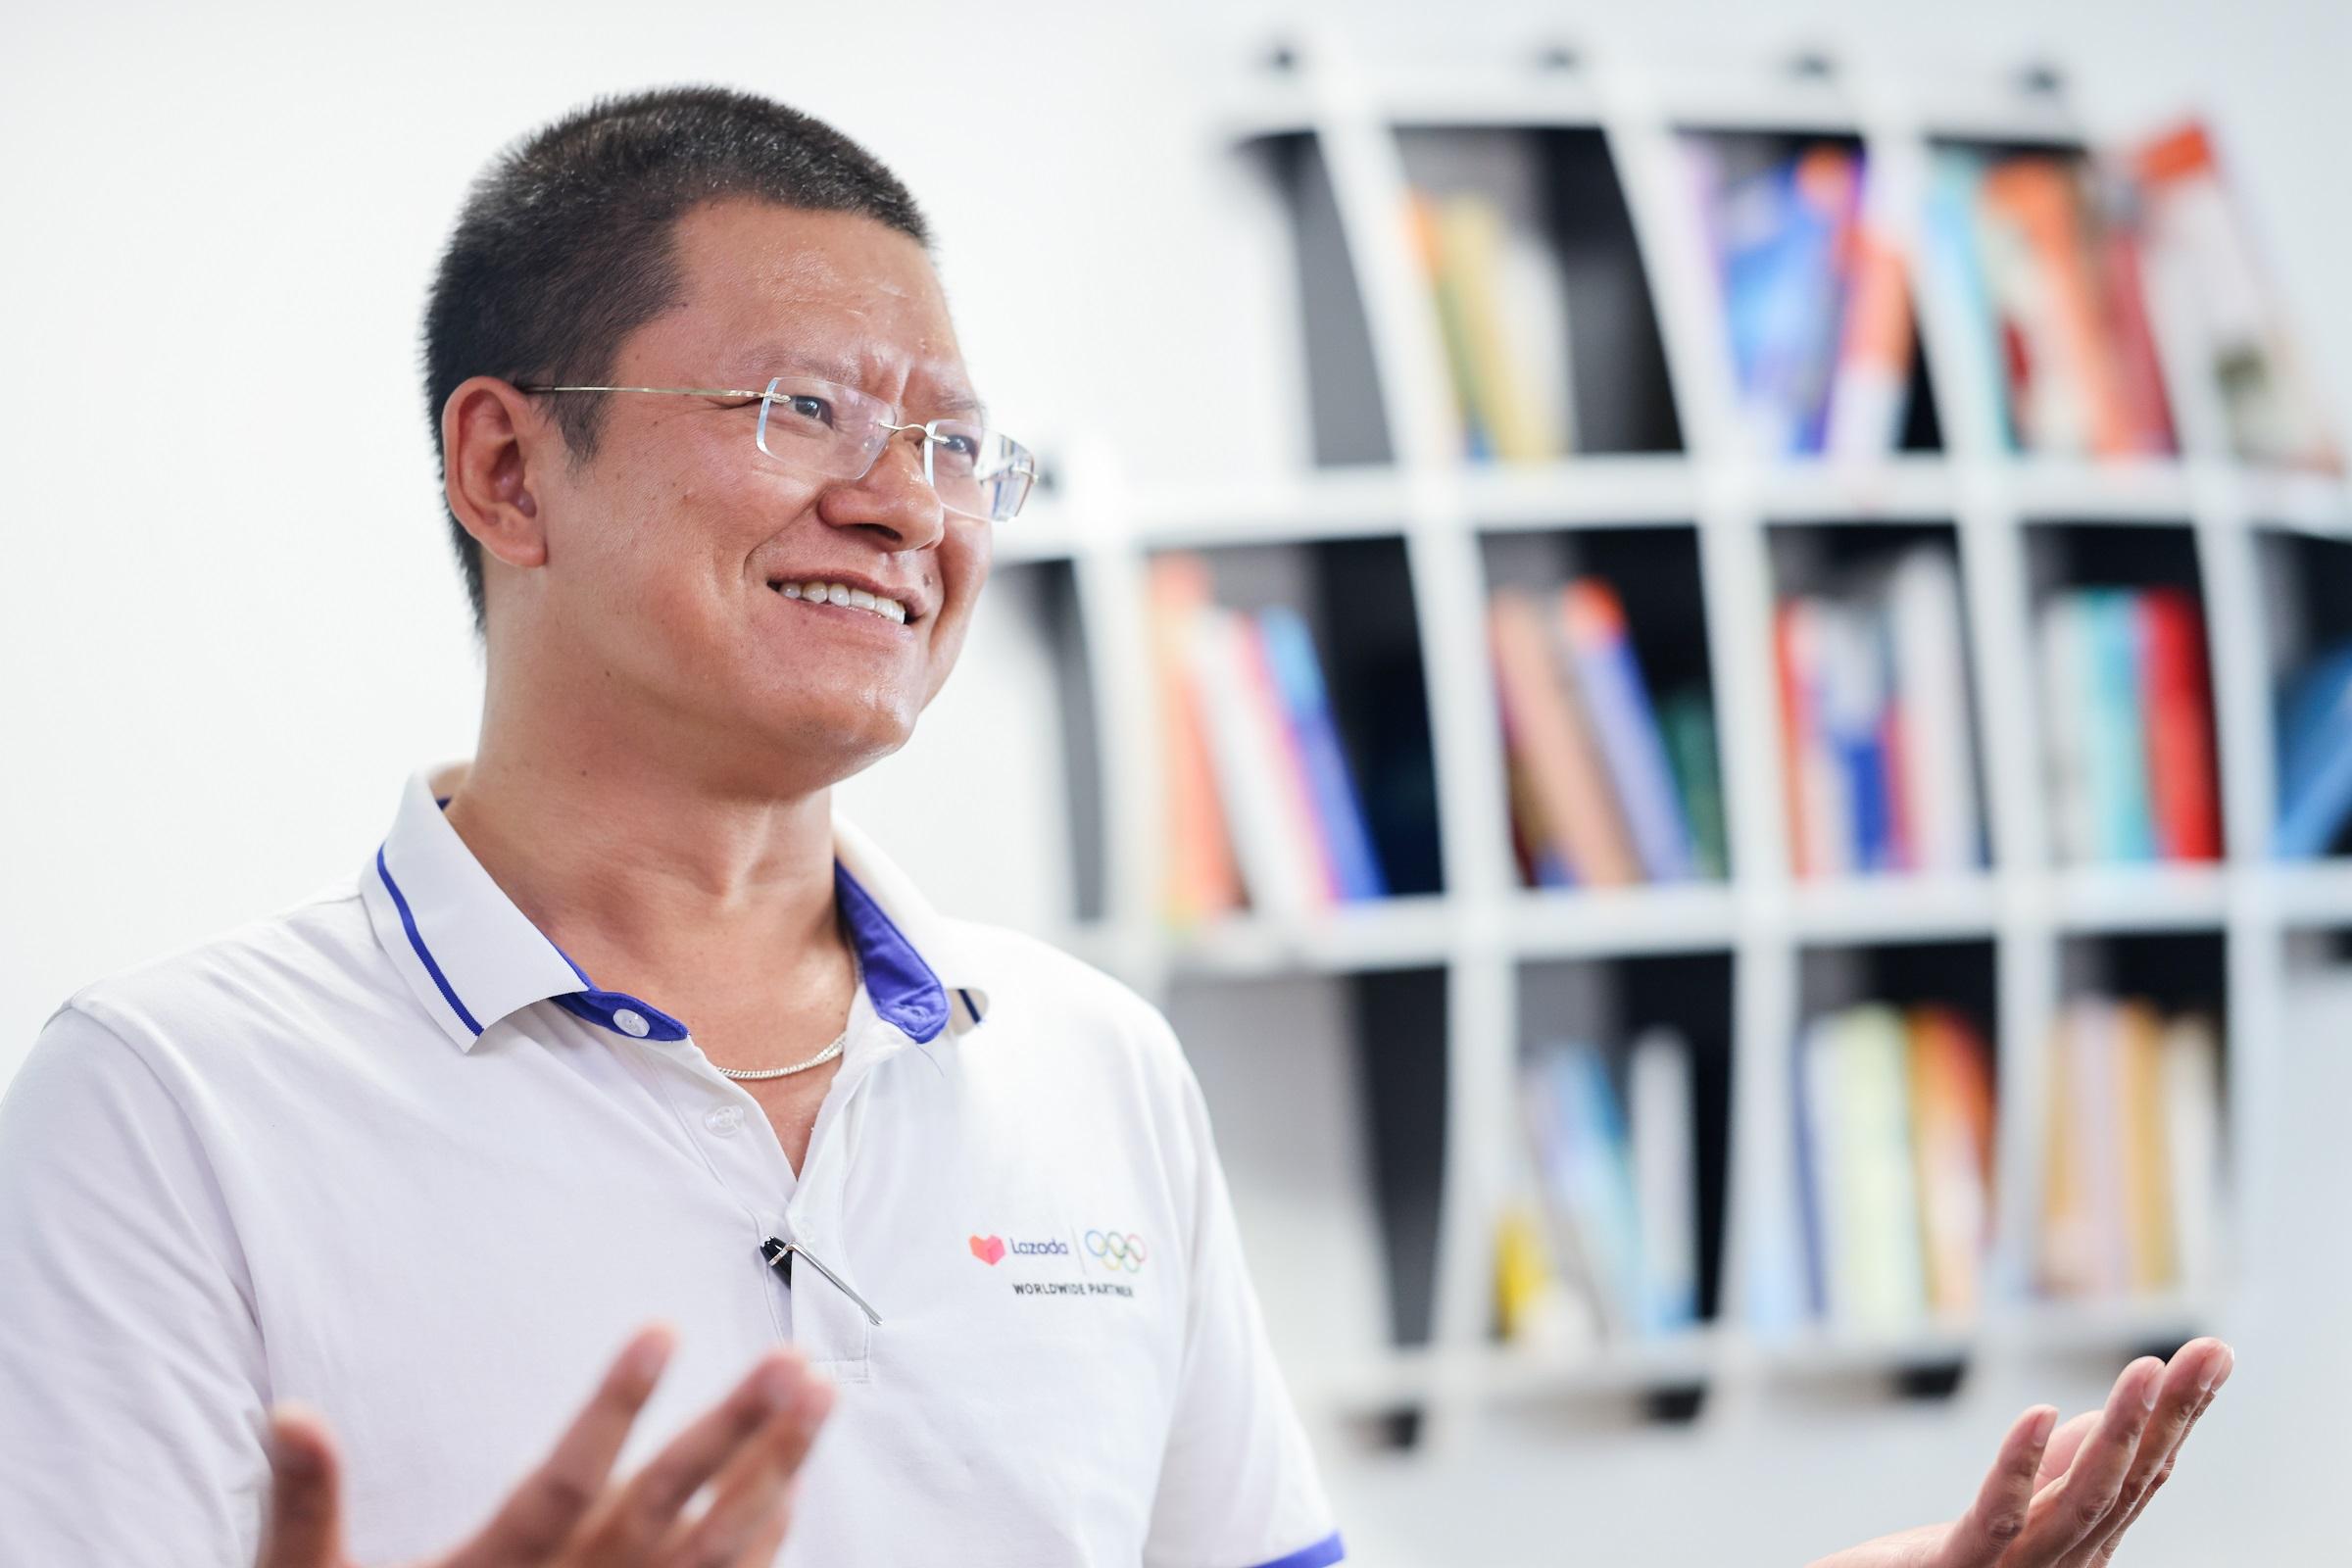 Theo ông Thịnh, con người là trung tâm đối với phát triển logistics bền vững. Ảnh: Lazada.